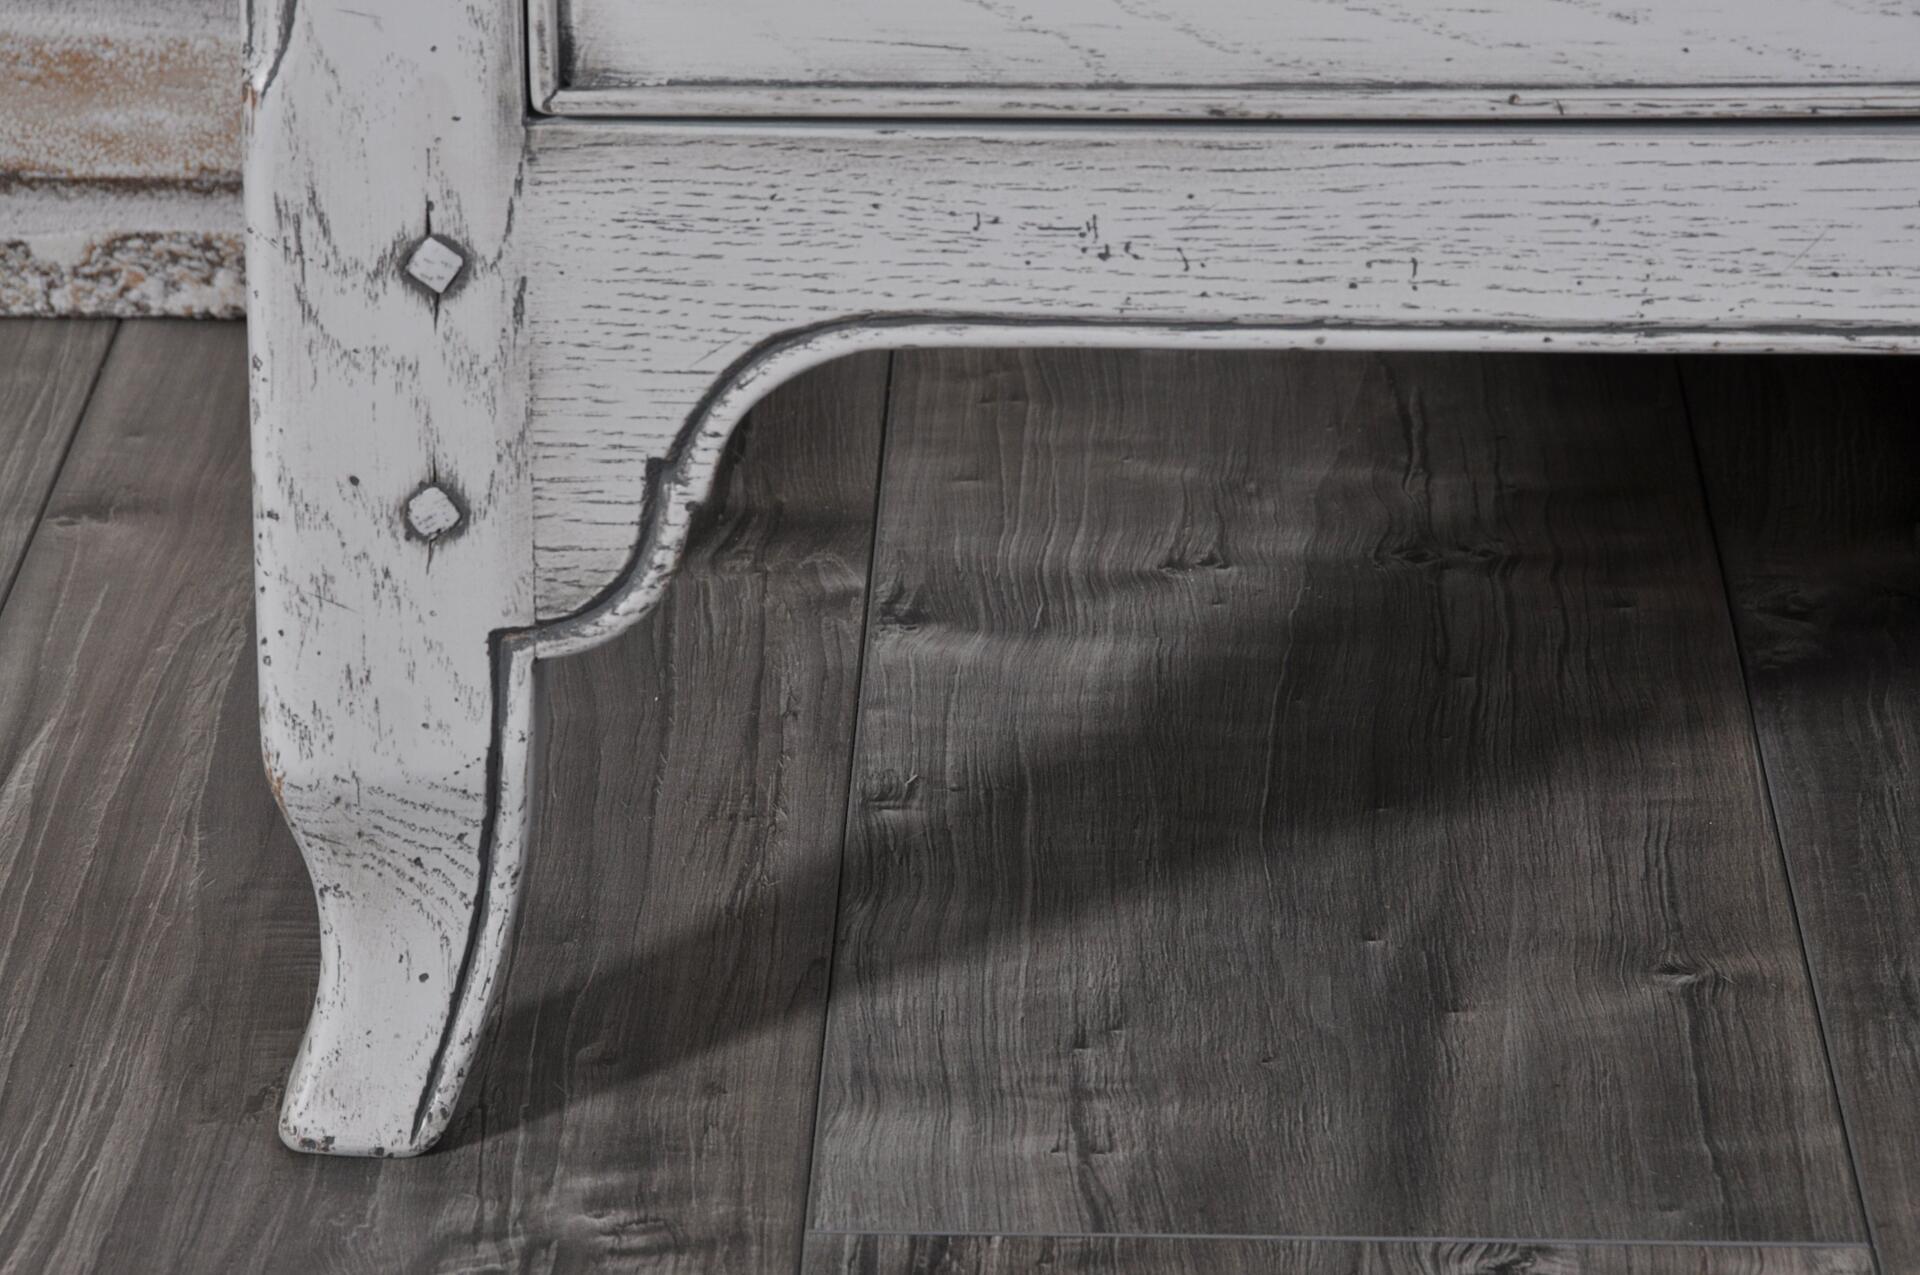 gambe riprodotte e sagomate nello stile provenzale arricchite da in cordoncino intagliato e scolpito a mano con elegante chiodini di rovere